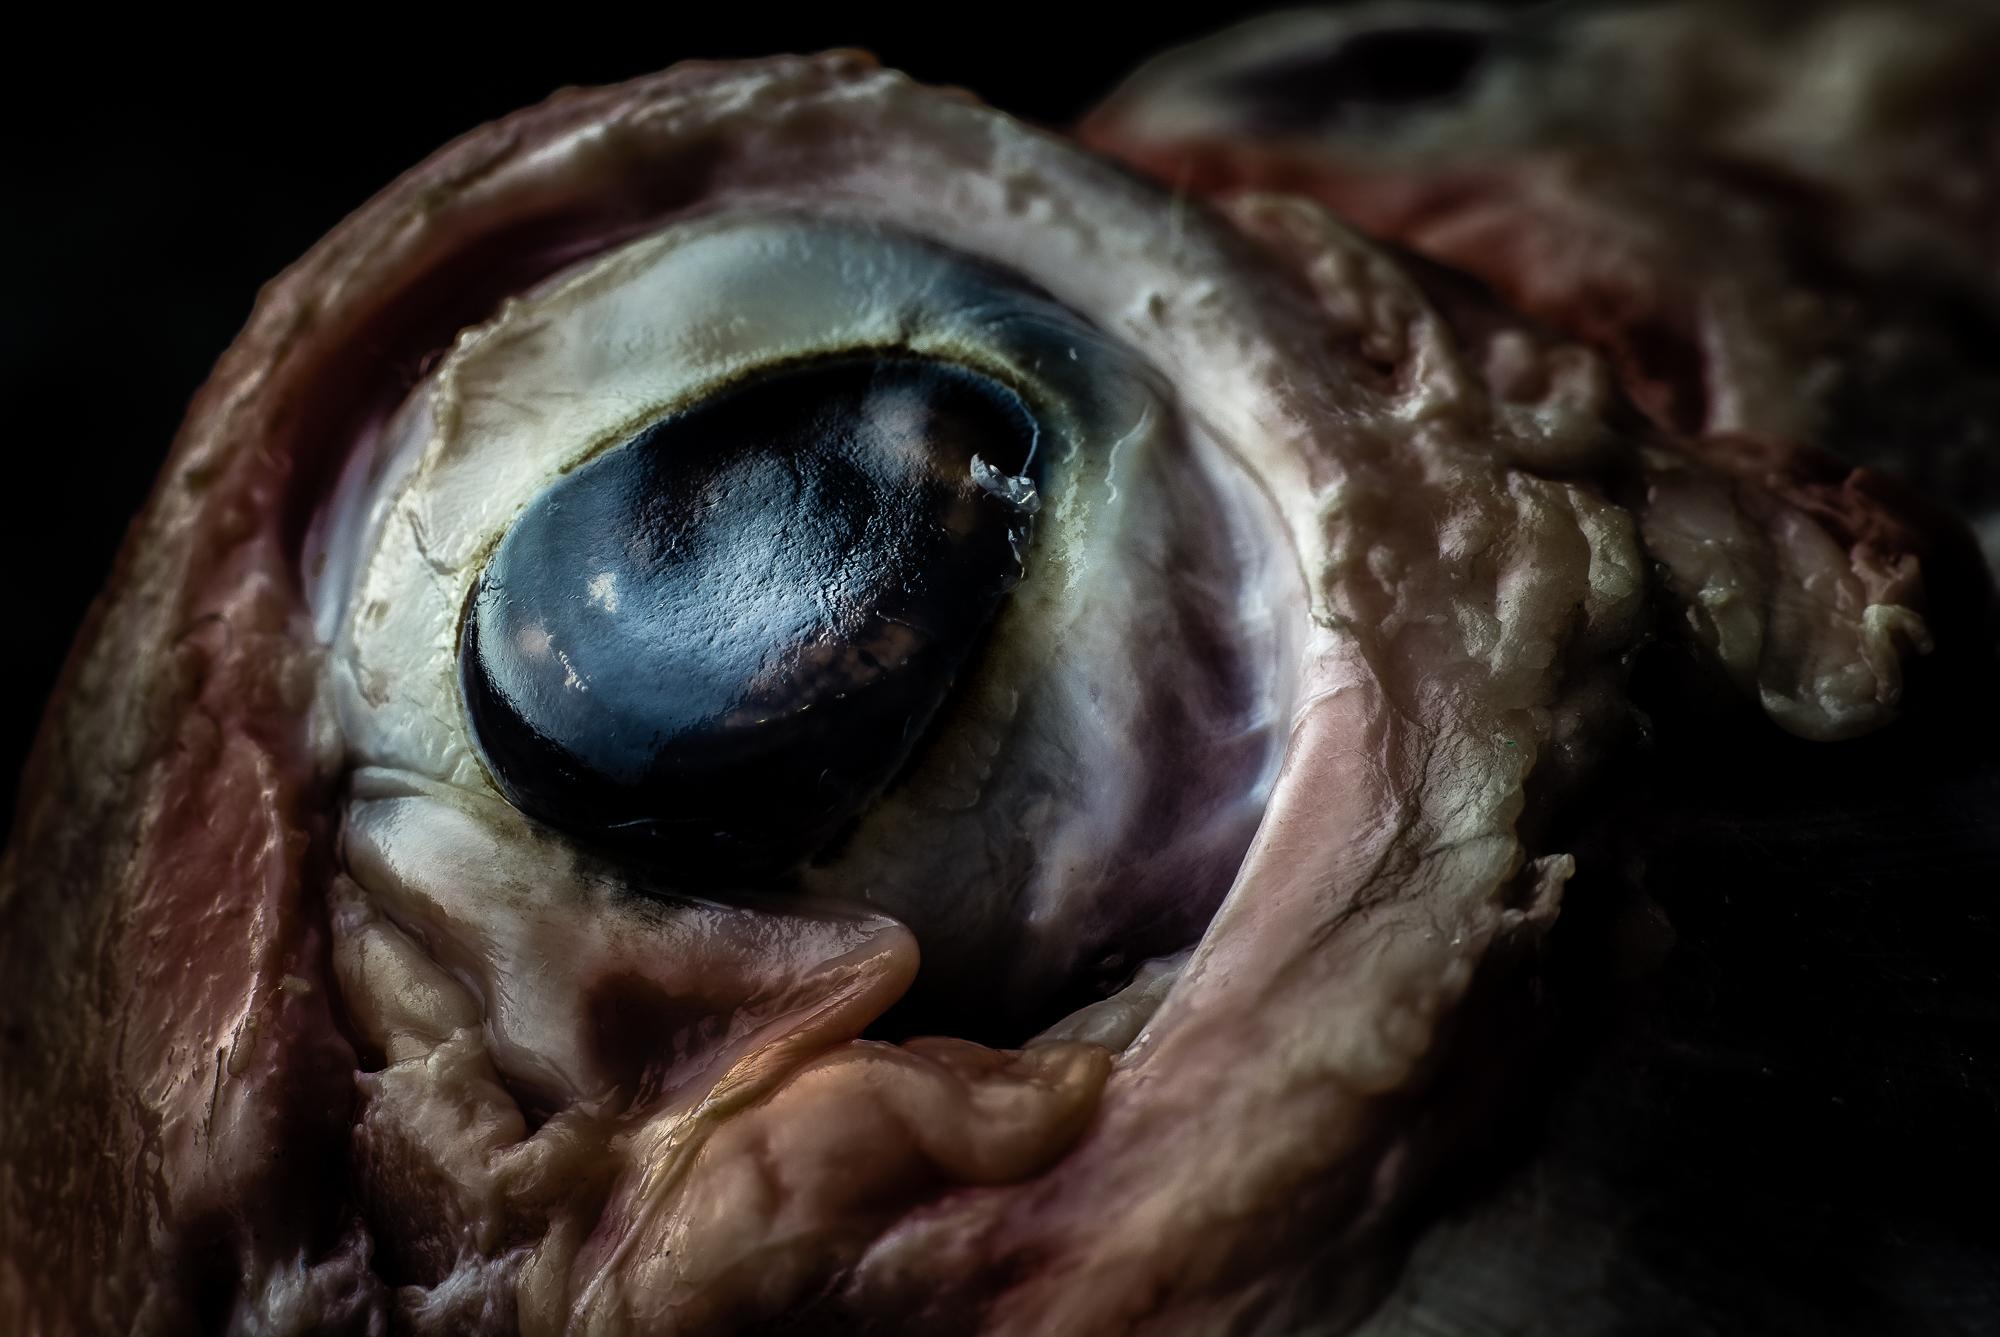 sheep-eye-macro.jpg